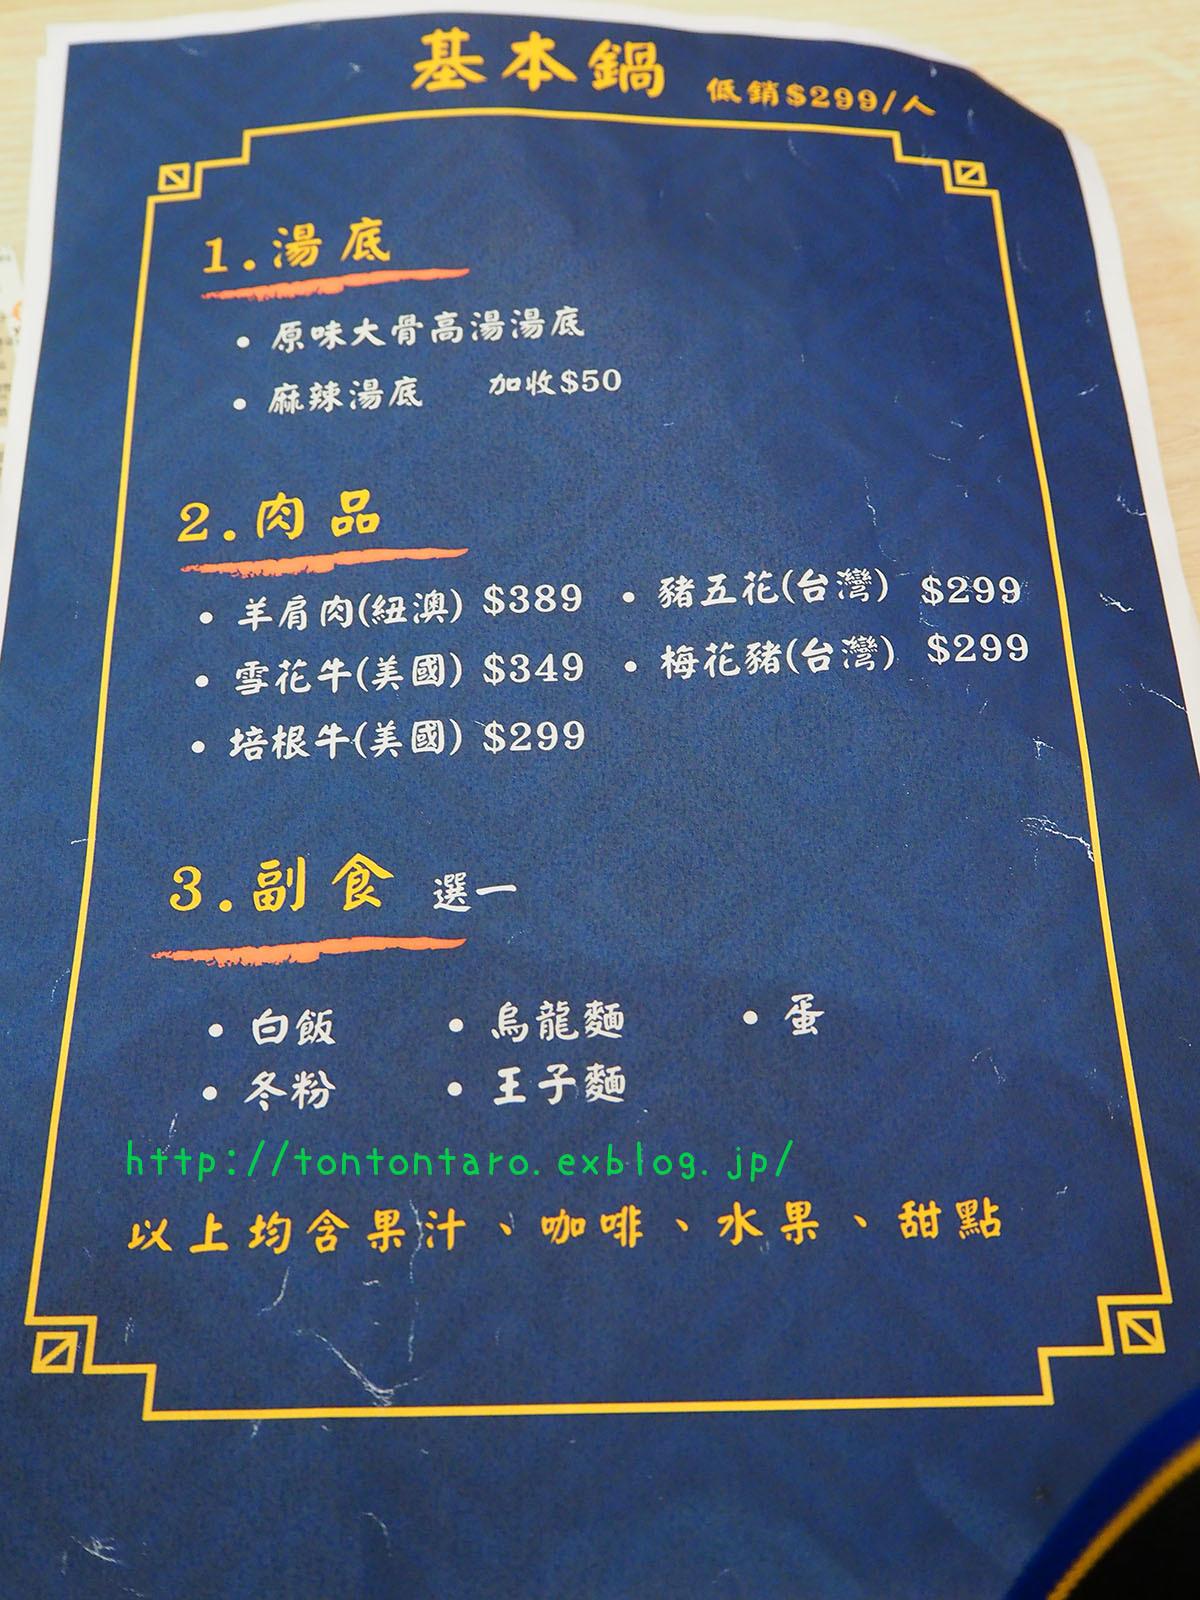 生まれ変わった台北城大飯店2樓、「大稻埕風味餐廳」のお値打ち感は異常(再び)_a0112888_01140219.jpg